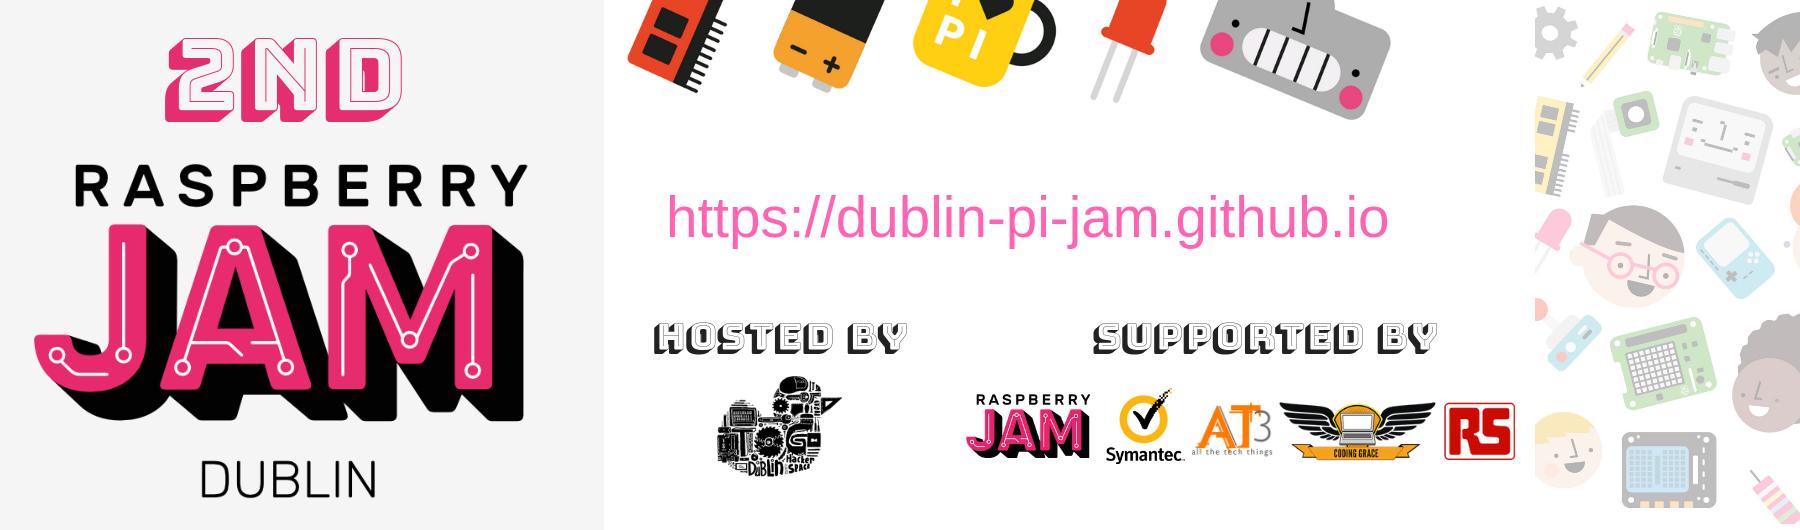 2nd Pi Jam